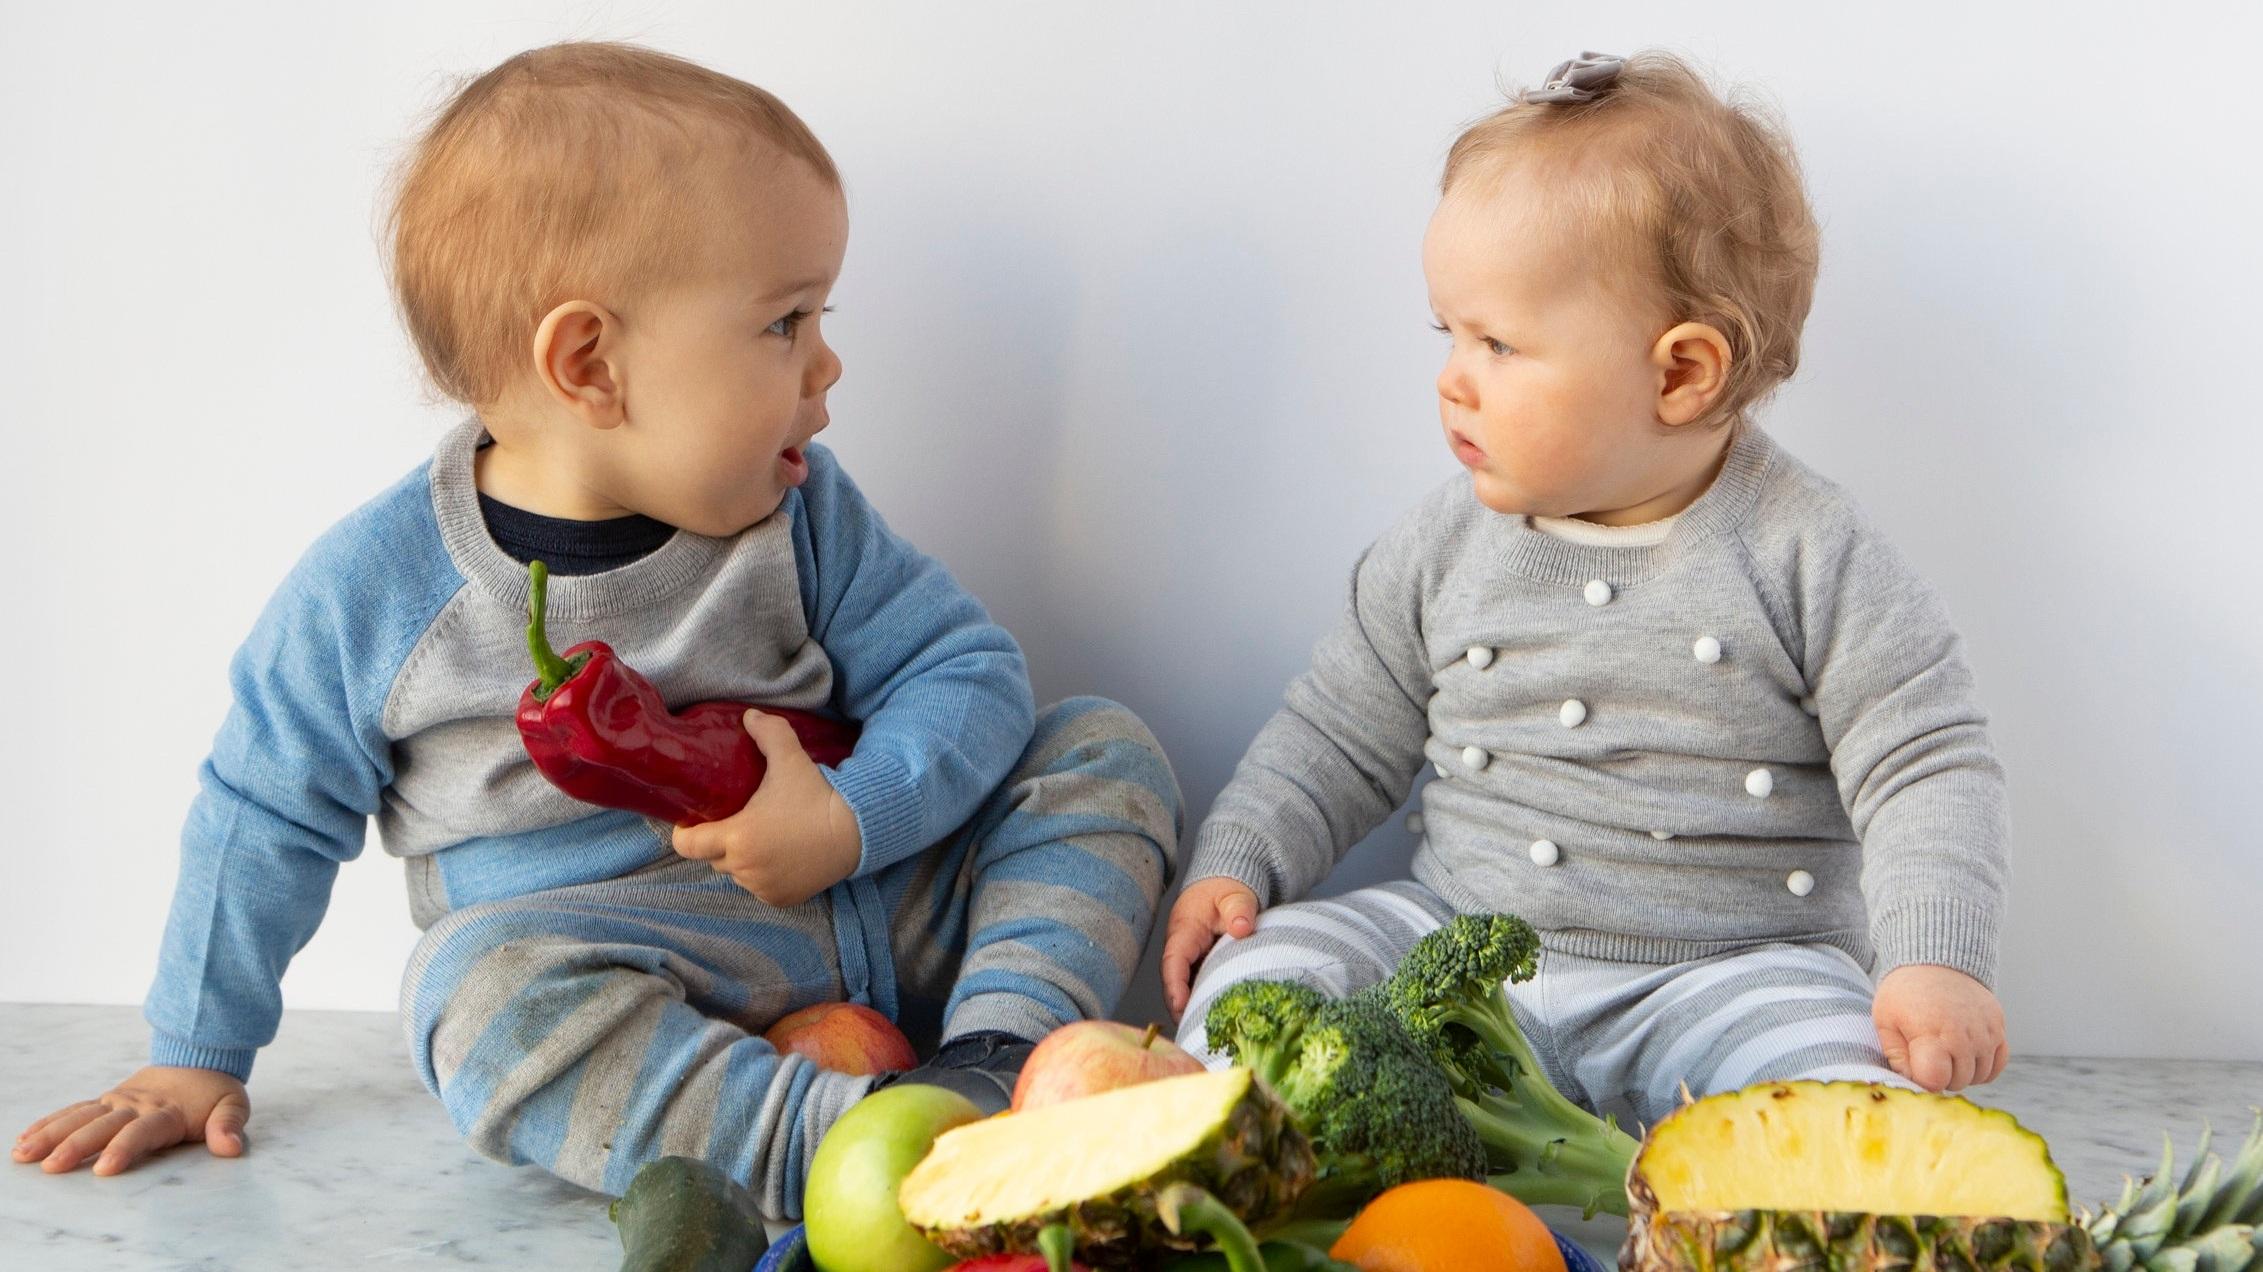 Vår filosofi - Vårt mål er at barnematen skal være så lik hjemmelaget som mulig. Dette gjør vi ved å tilby ferskere barnemat som du finner i kjøledisken. Barnematen er skånsomt oppvarmet slik at mest mulig næringsstoffer og smak beholdes.